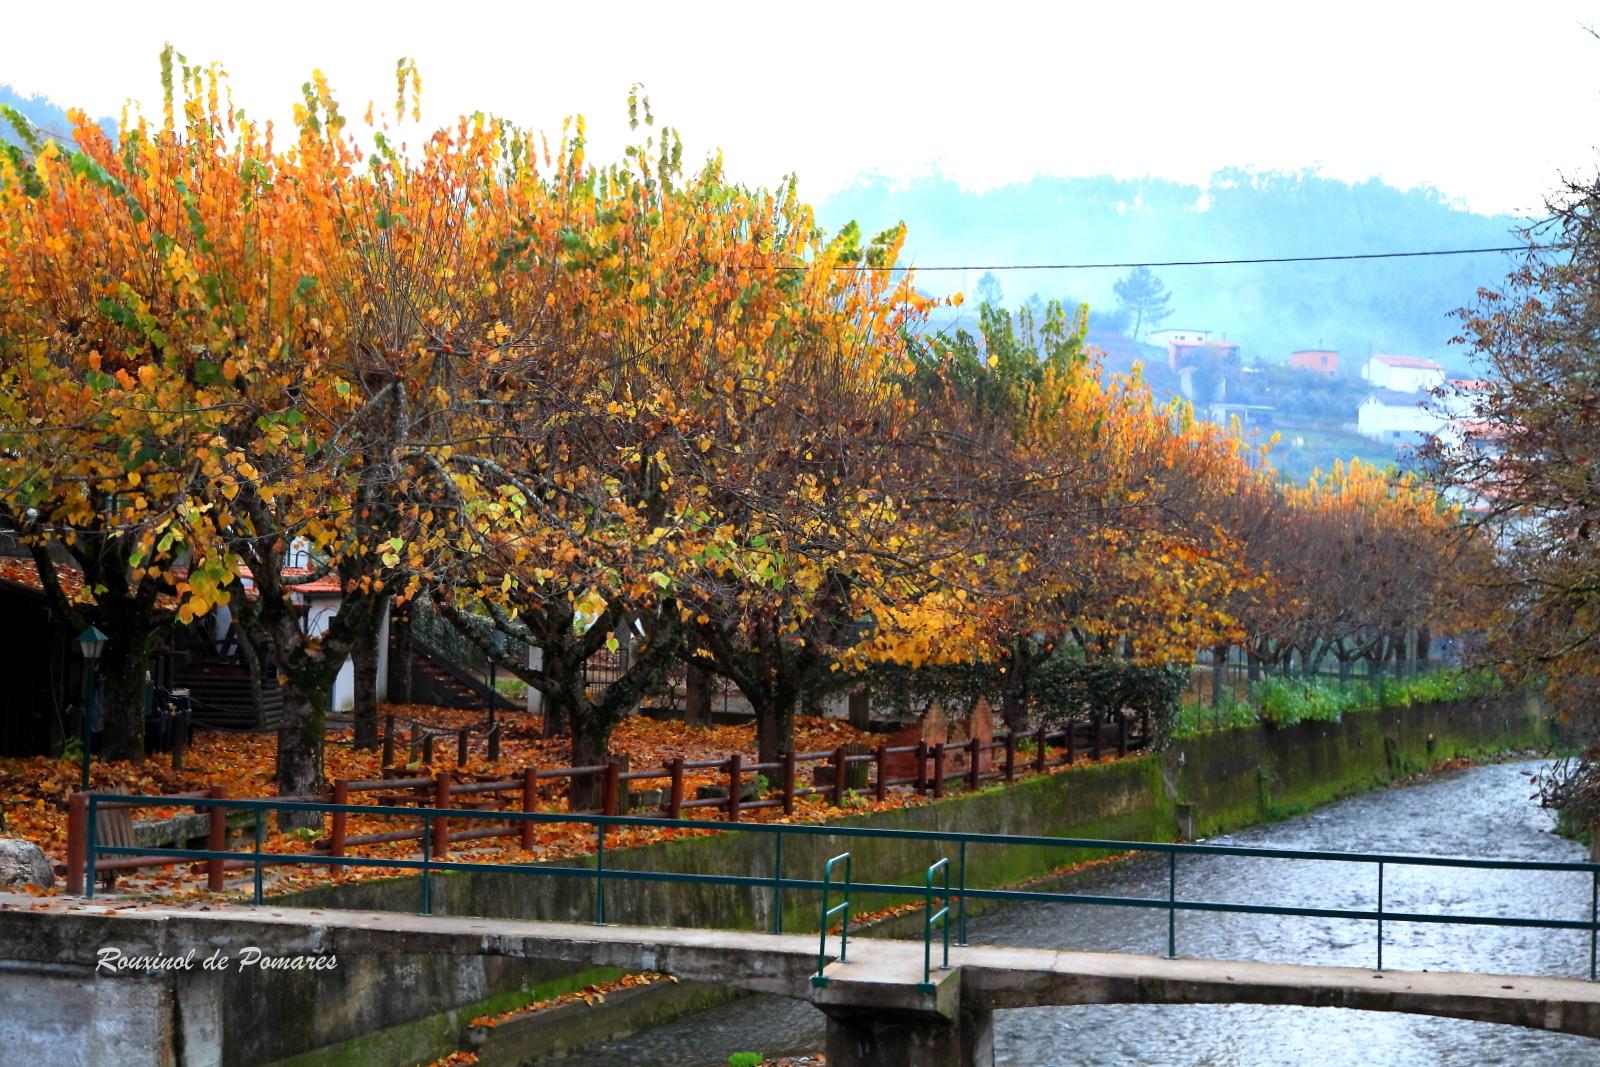 Outono em Pomares I (5)